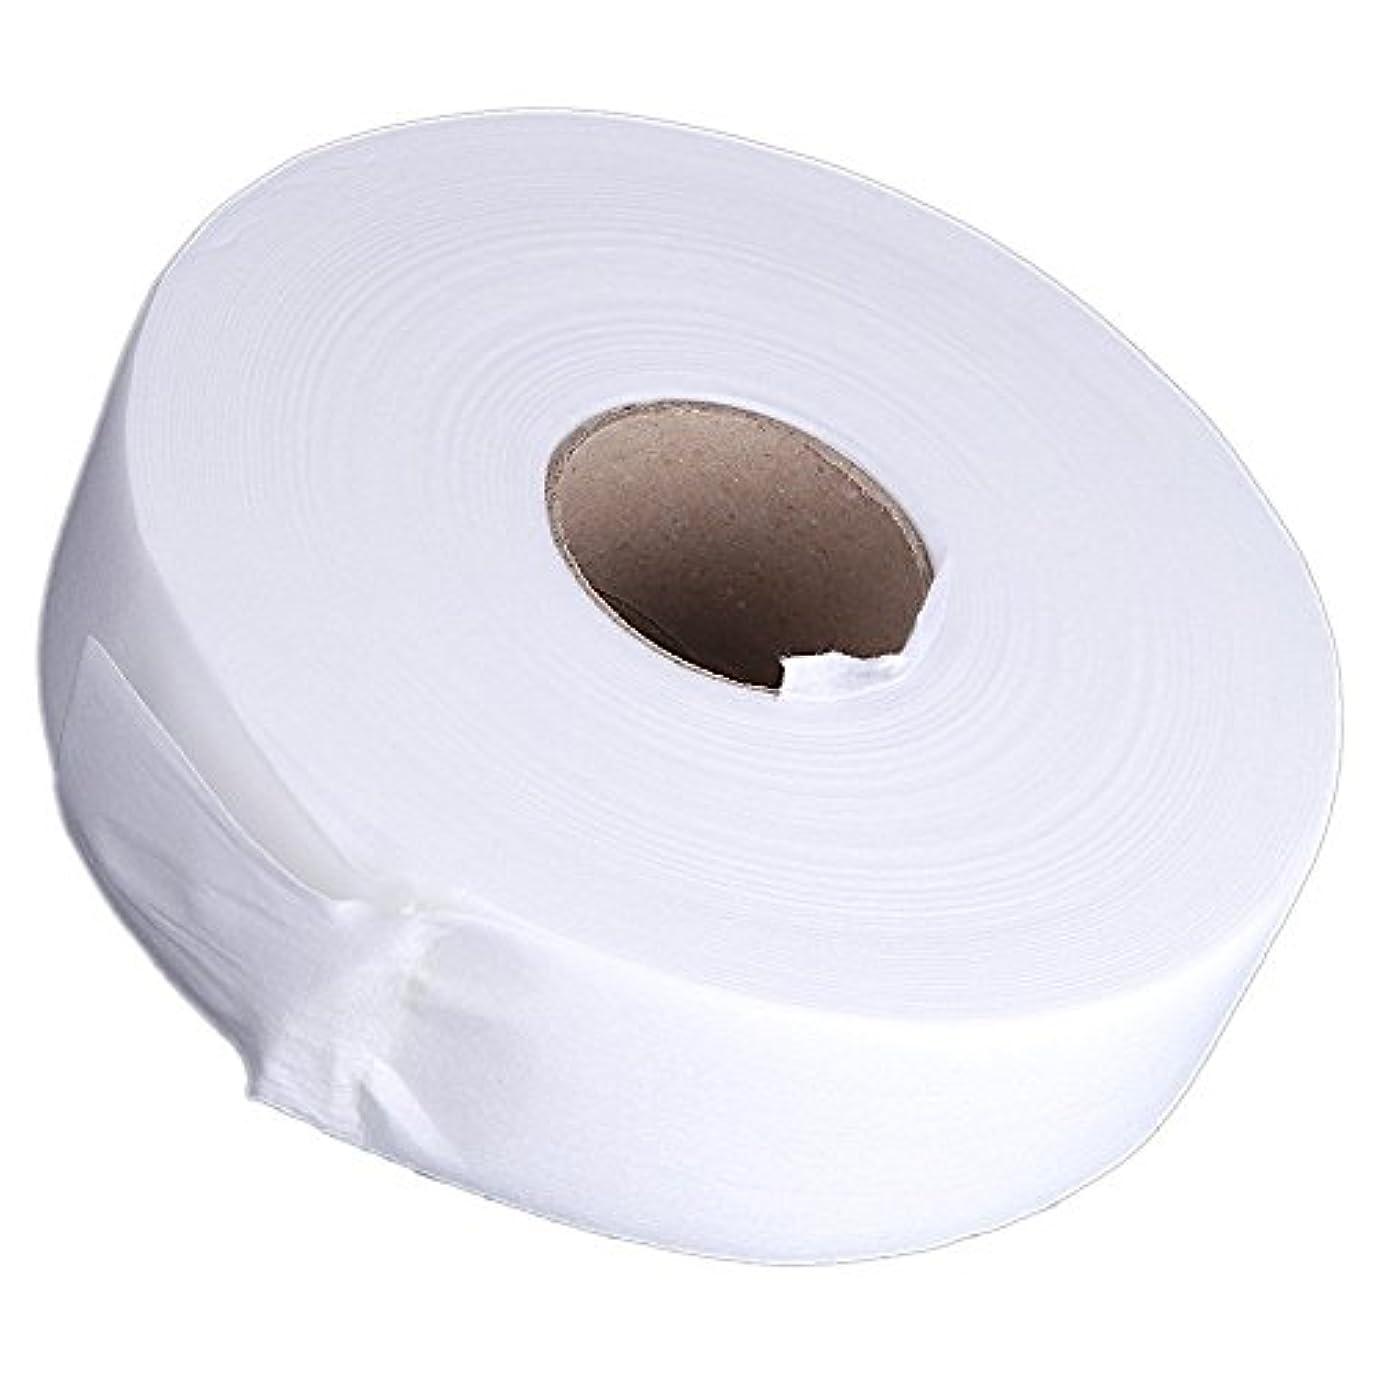 レールホイッスルラジウムACAMPTAR 100ヤードの脱毛紙脱毛ワックスストリップ 不織布ペーパーワックスロール(白)